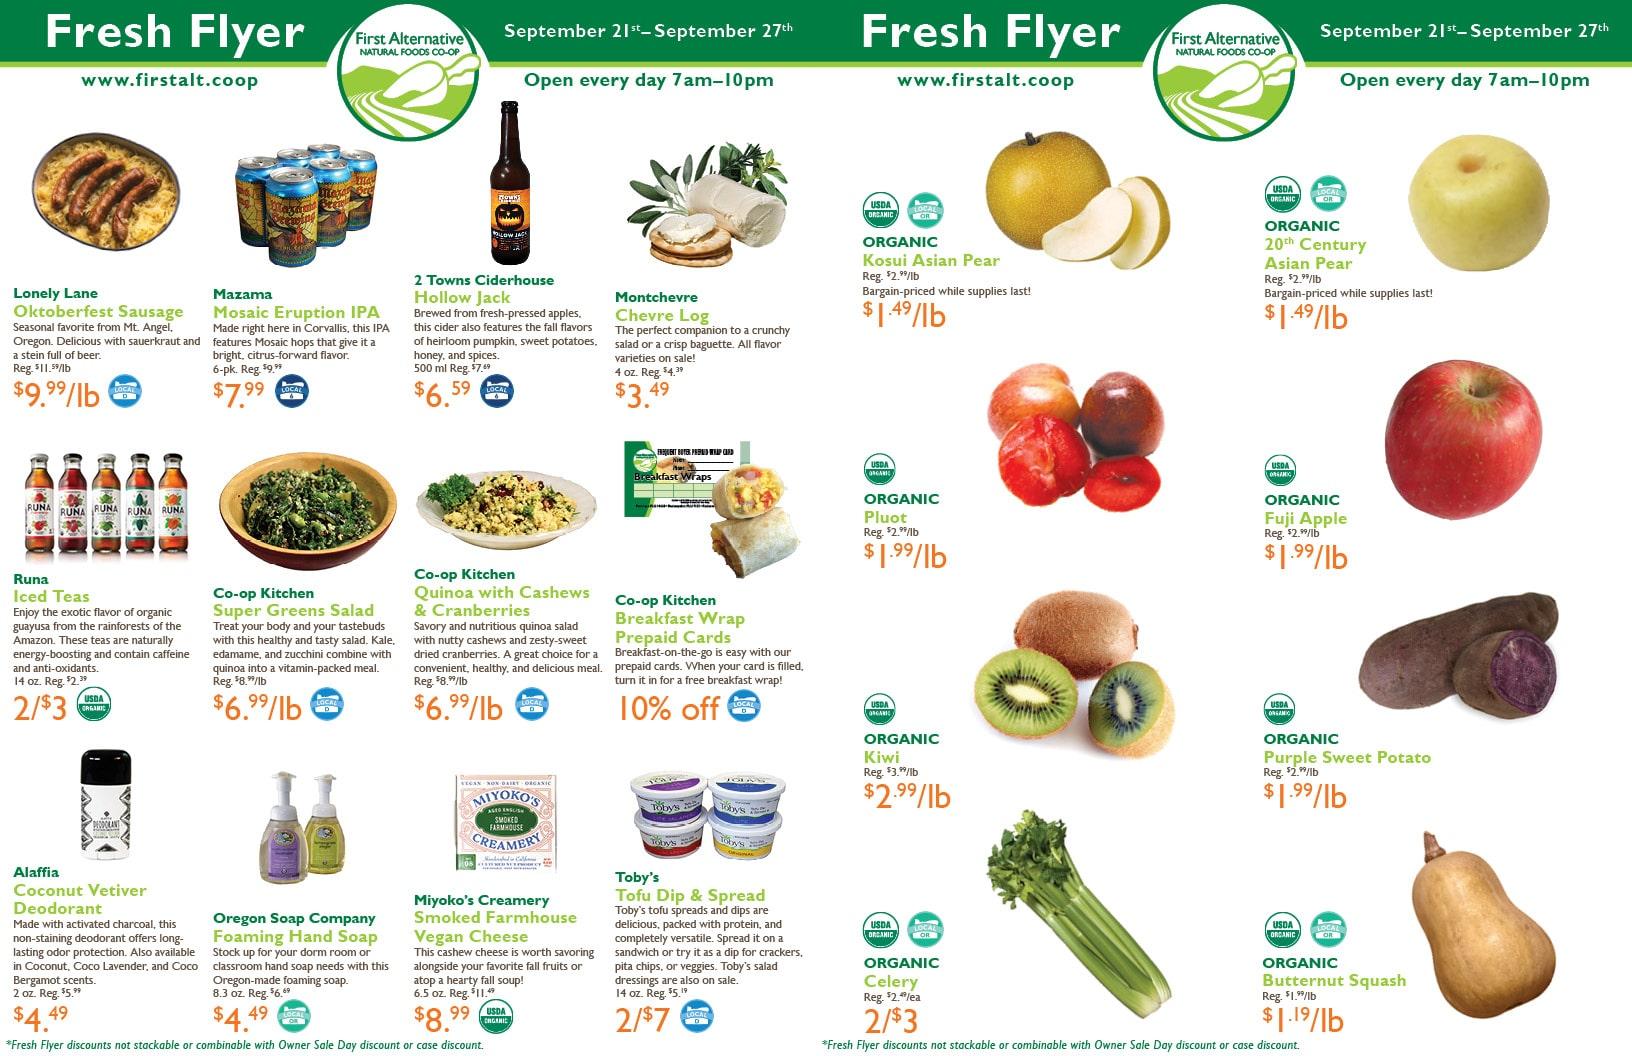 First Alternative Co-op Fresh Flyer September 21-27